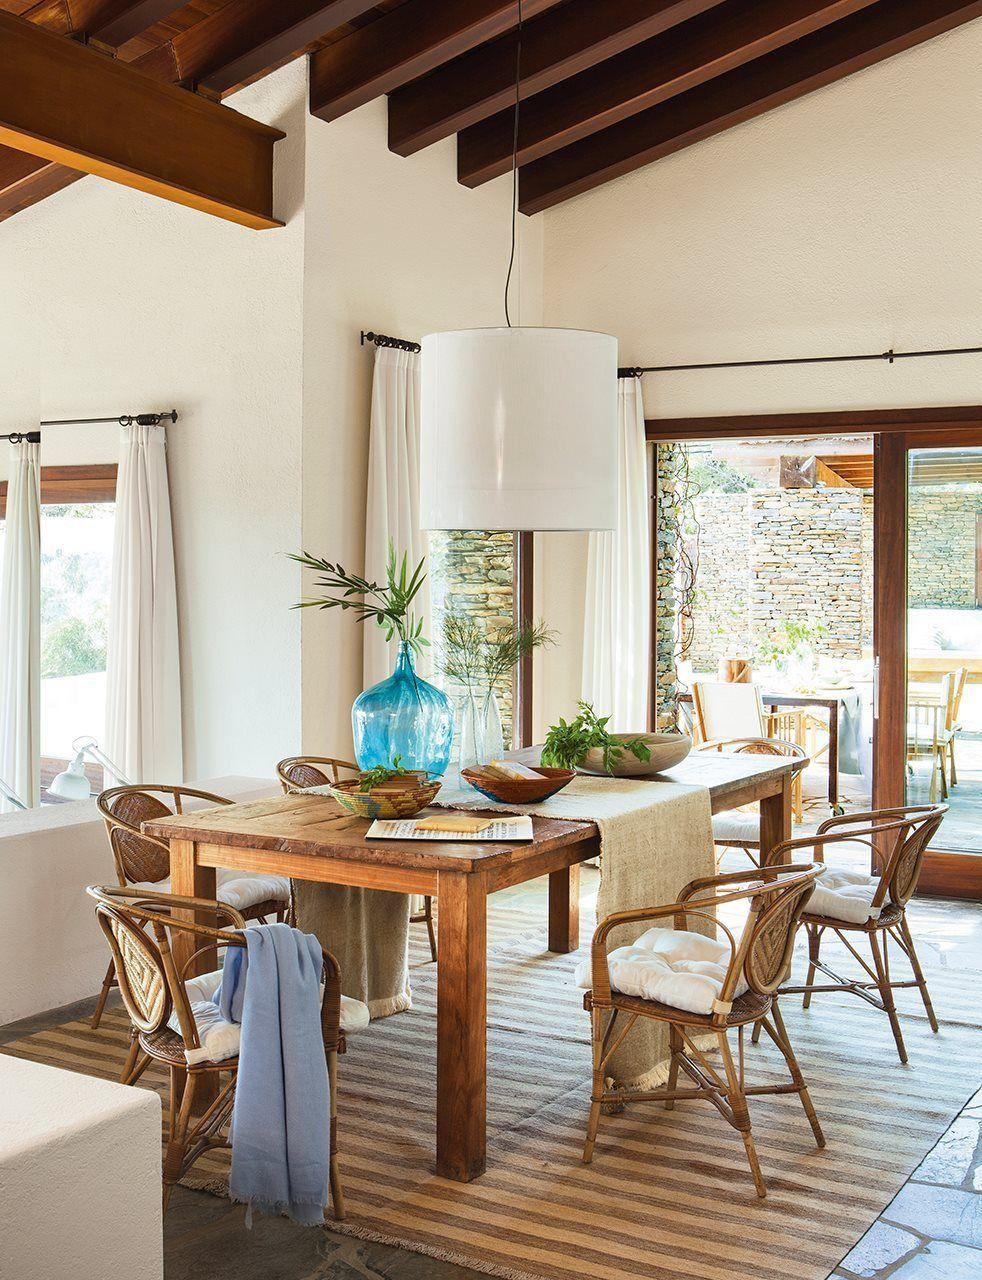 Une Maison Espagnole Avec Vue Sur Mer   PLANETE DECO A Homes World